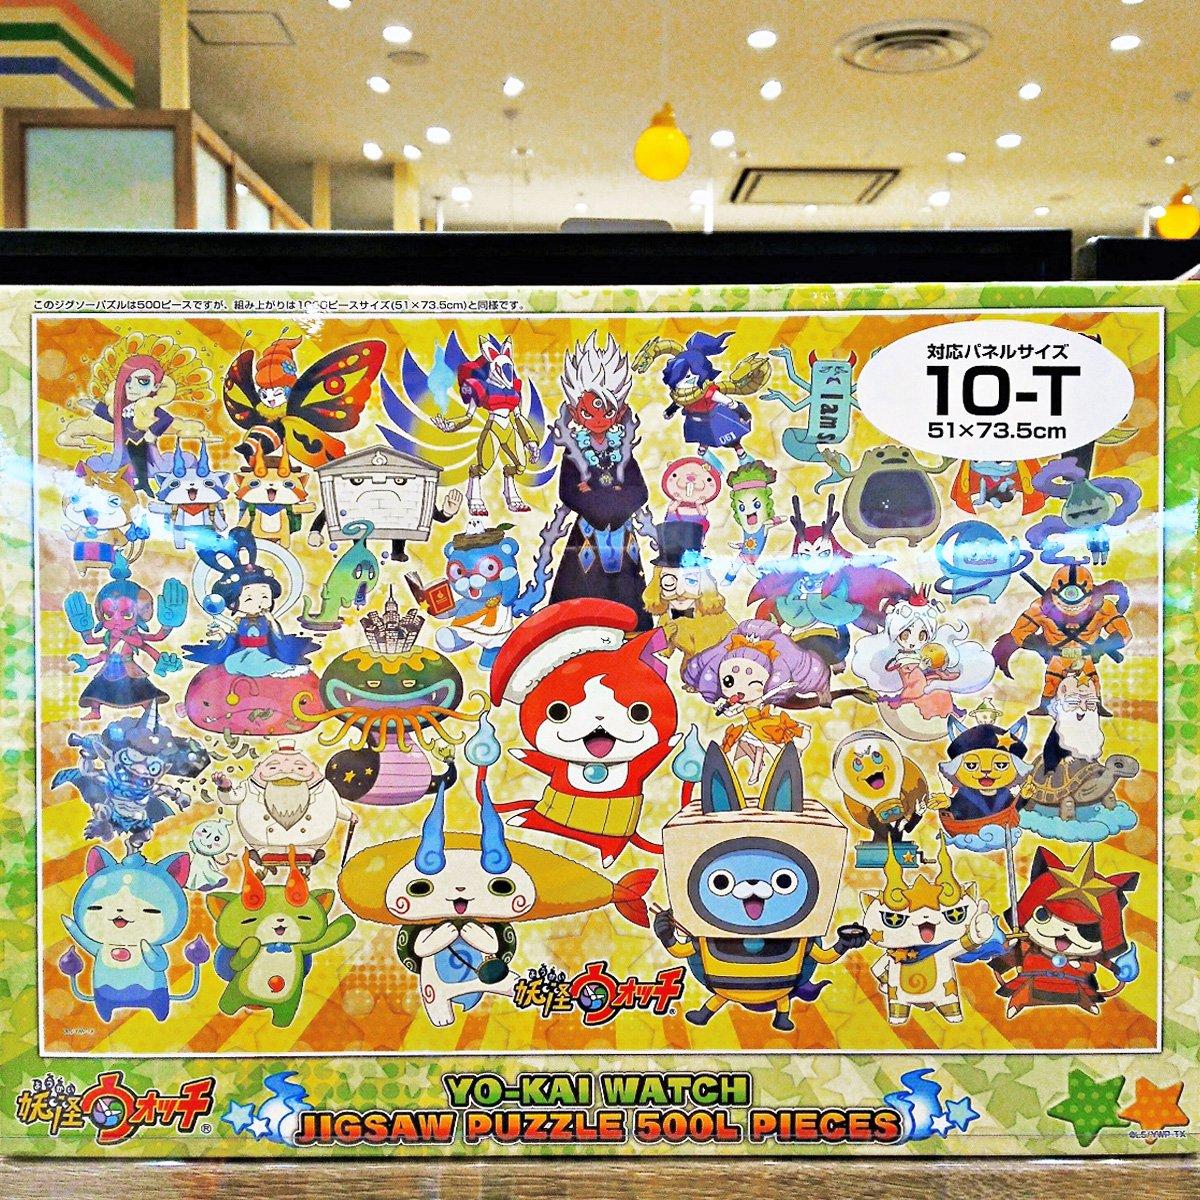 【柏店情報】ヨロズマートミニ柏店ではパズルの種類も豊富です。妖怪ウォッチぷにぷに 妖怪ぷに大集合(300ピース)¥220